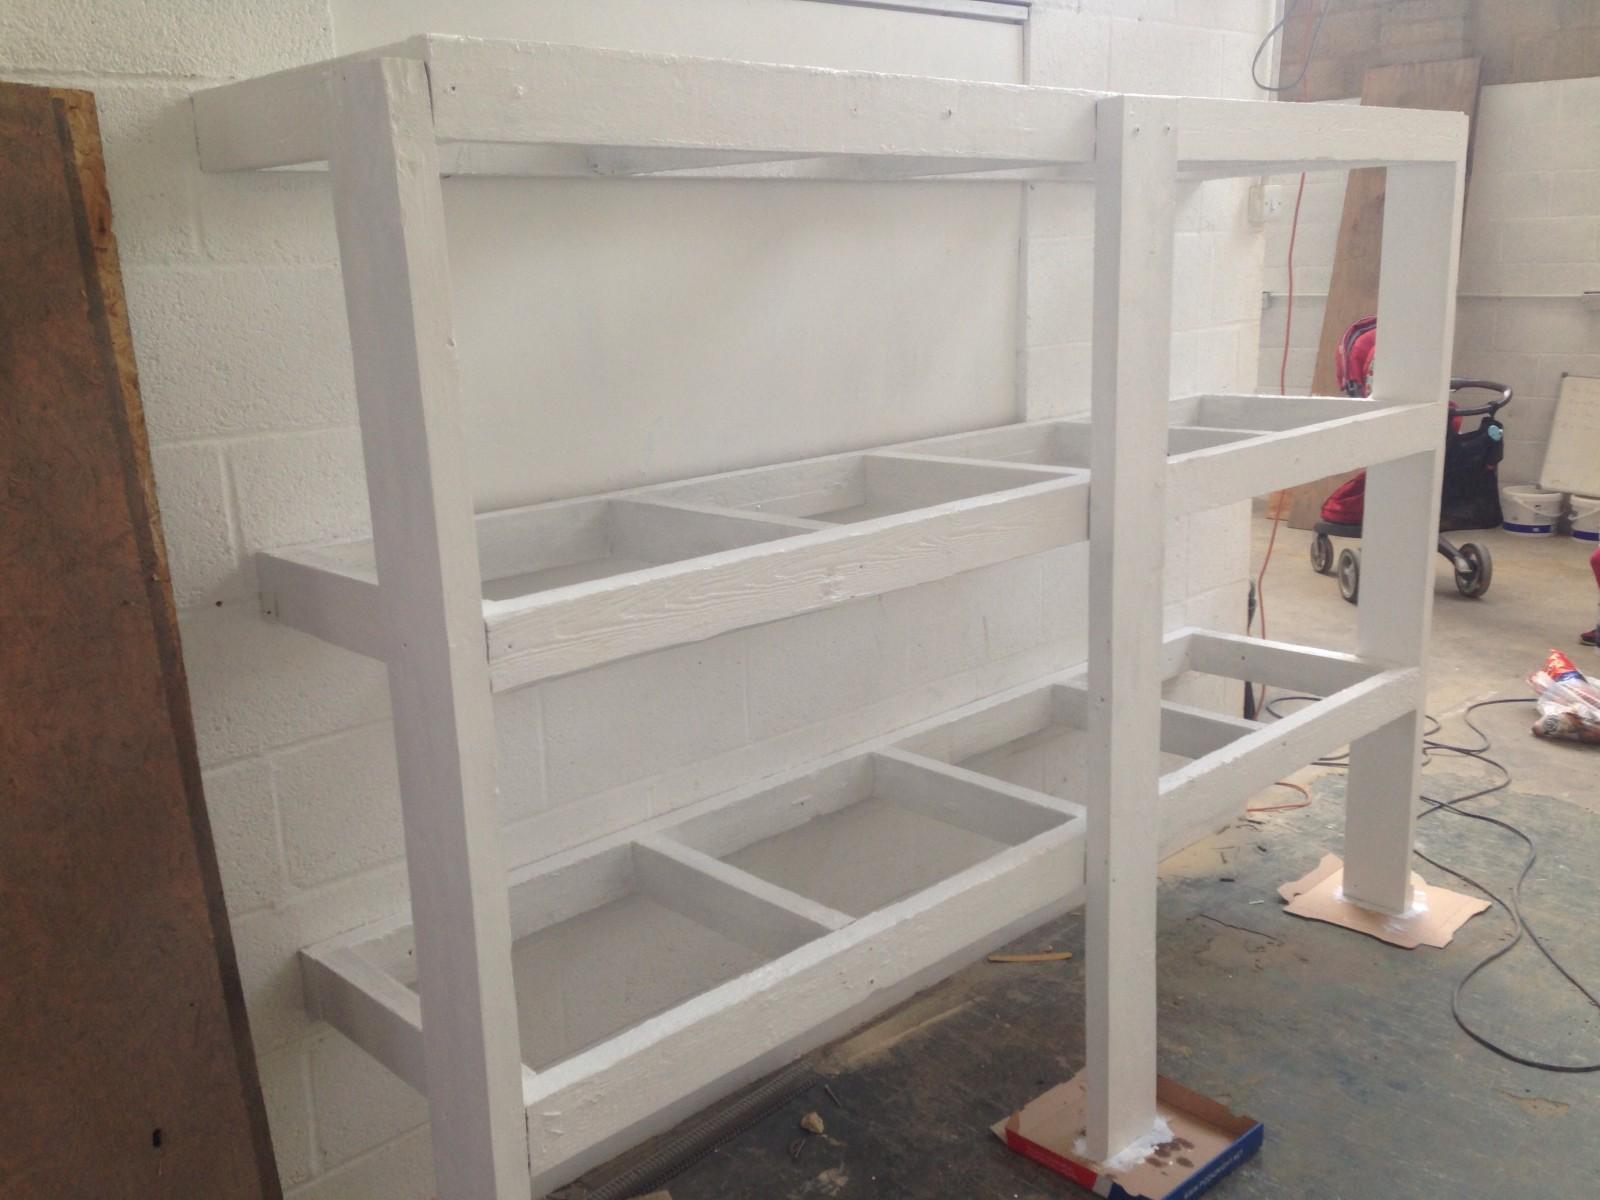 Storage rack - freshly painted